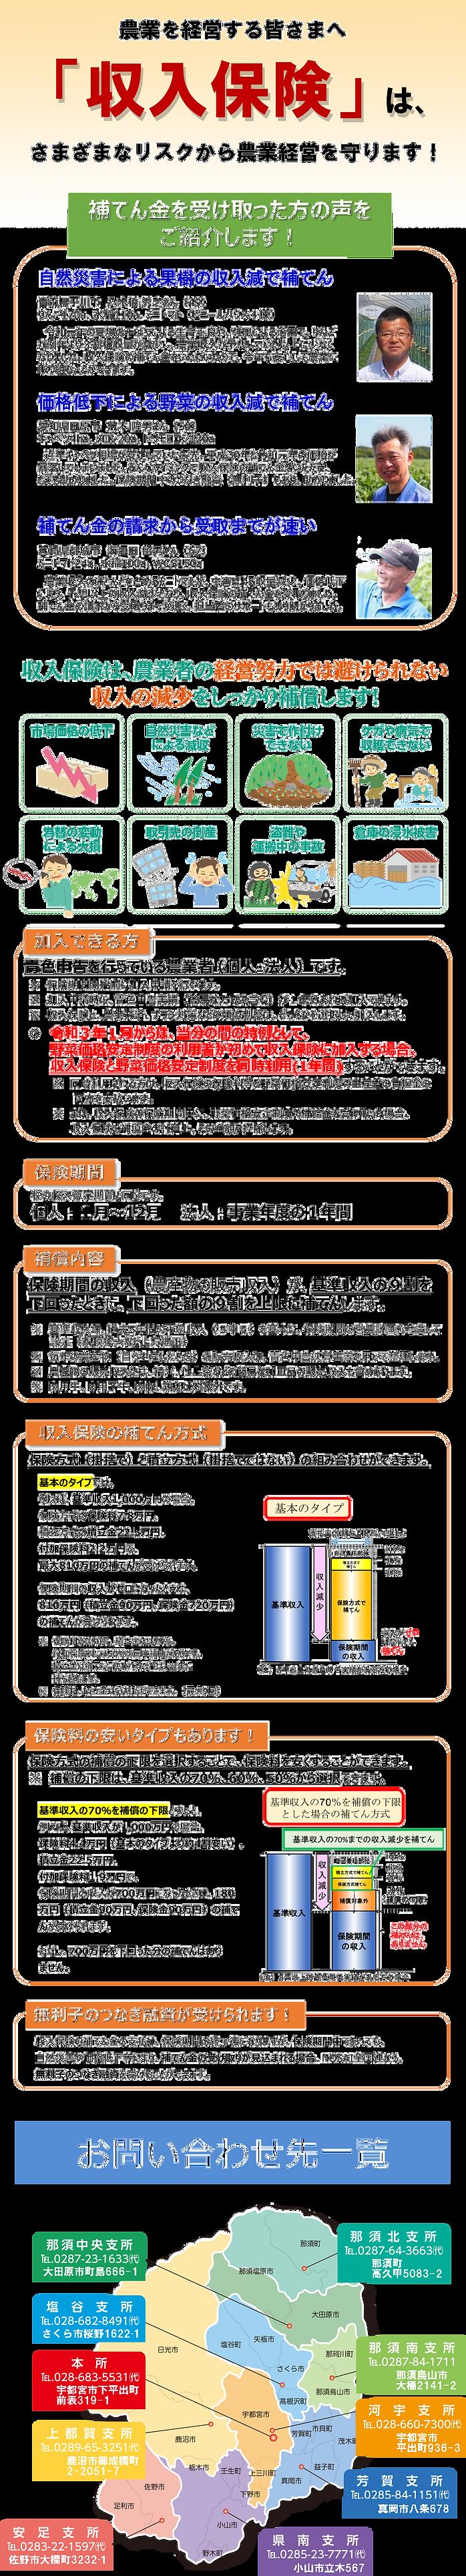 (パンフレット)収入保険.png